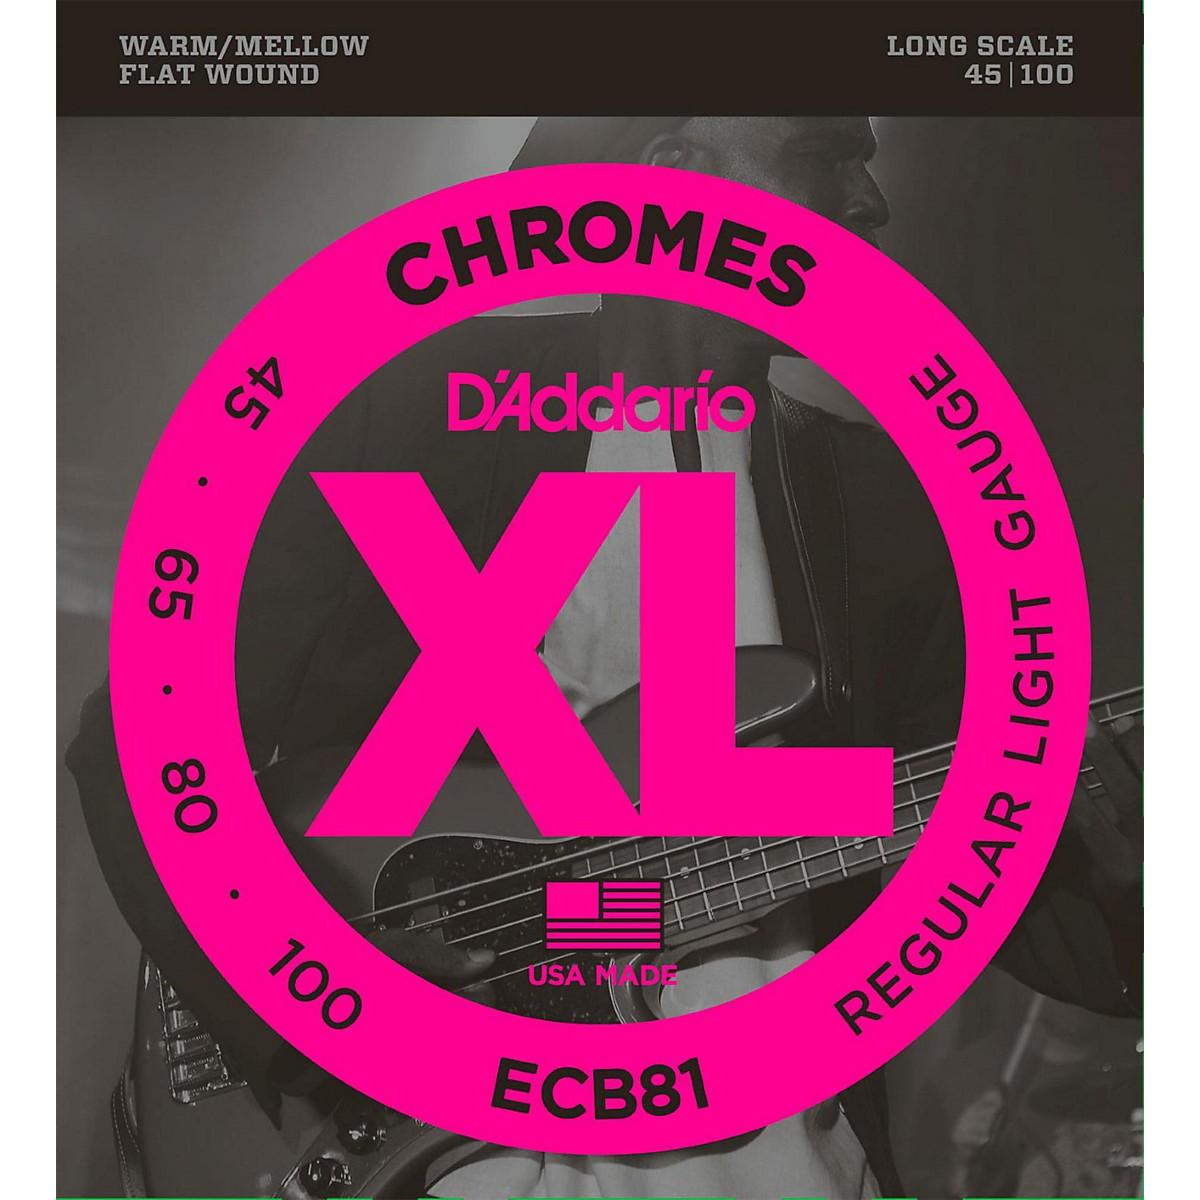 D'Addario ECB81 XL Chromes Flatwound Bass Strings